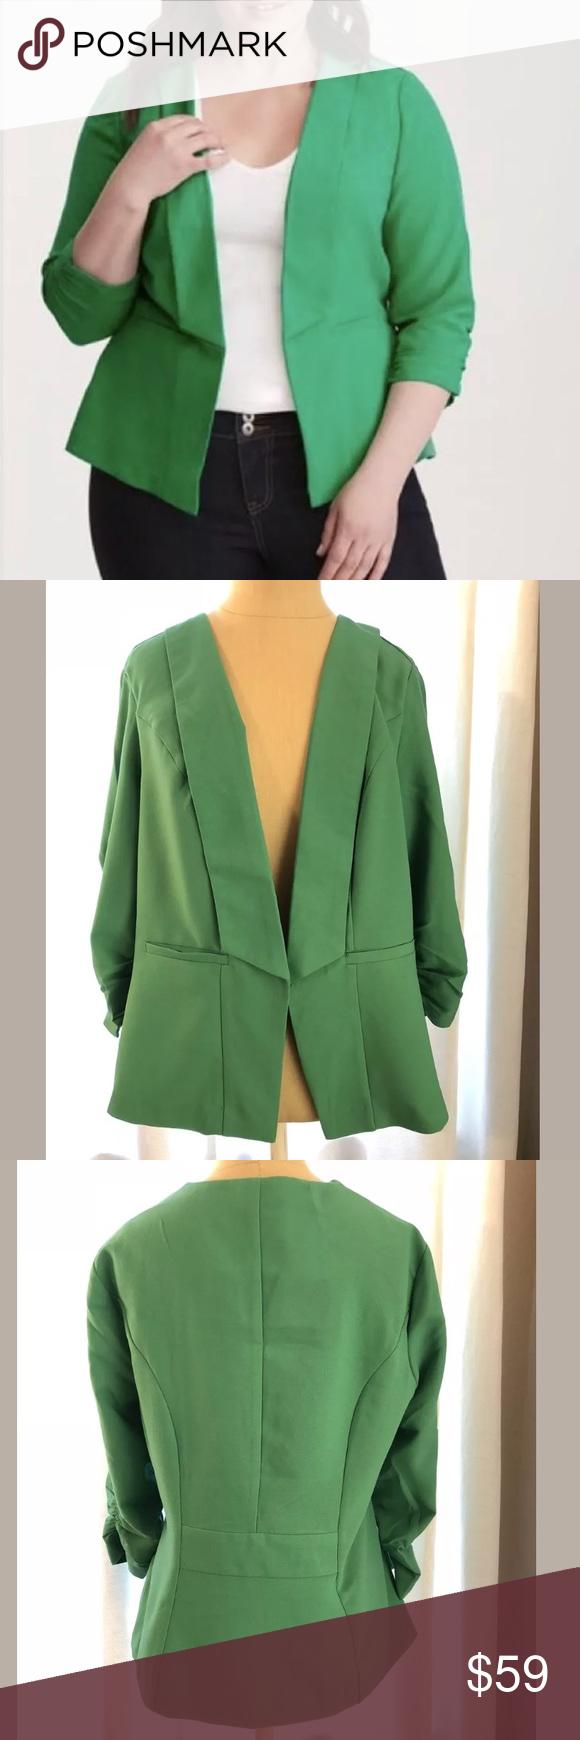 02b83f45a15 💚NWOT💚 torrid green blazer sz 00 Women s plus size Kelly green open  blazer (